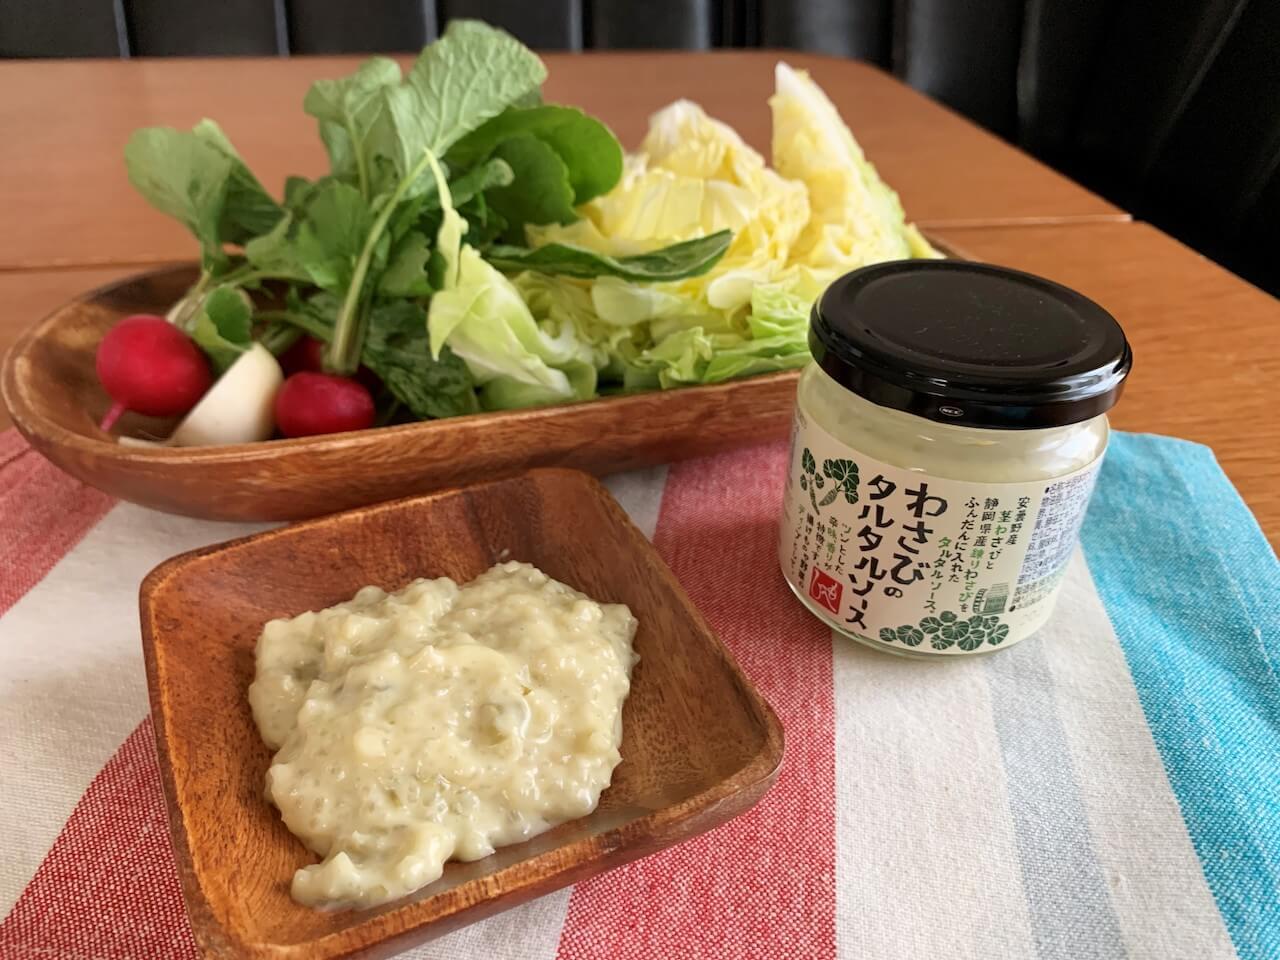 もへじ わさびのタルタルソースは、新鮮な野菜にそのままディップして